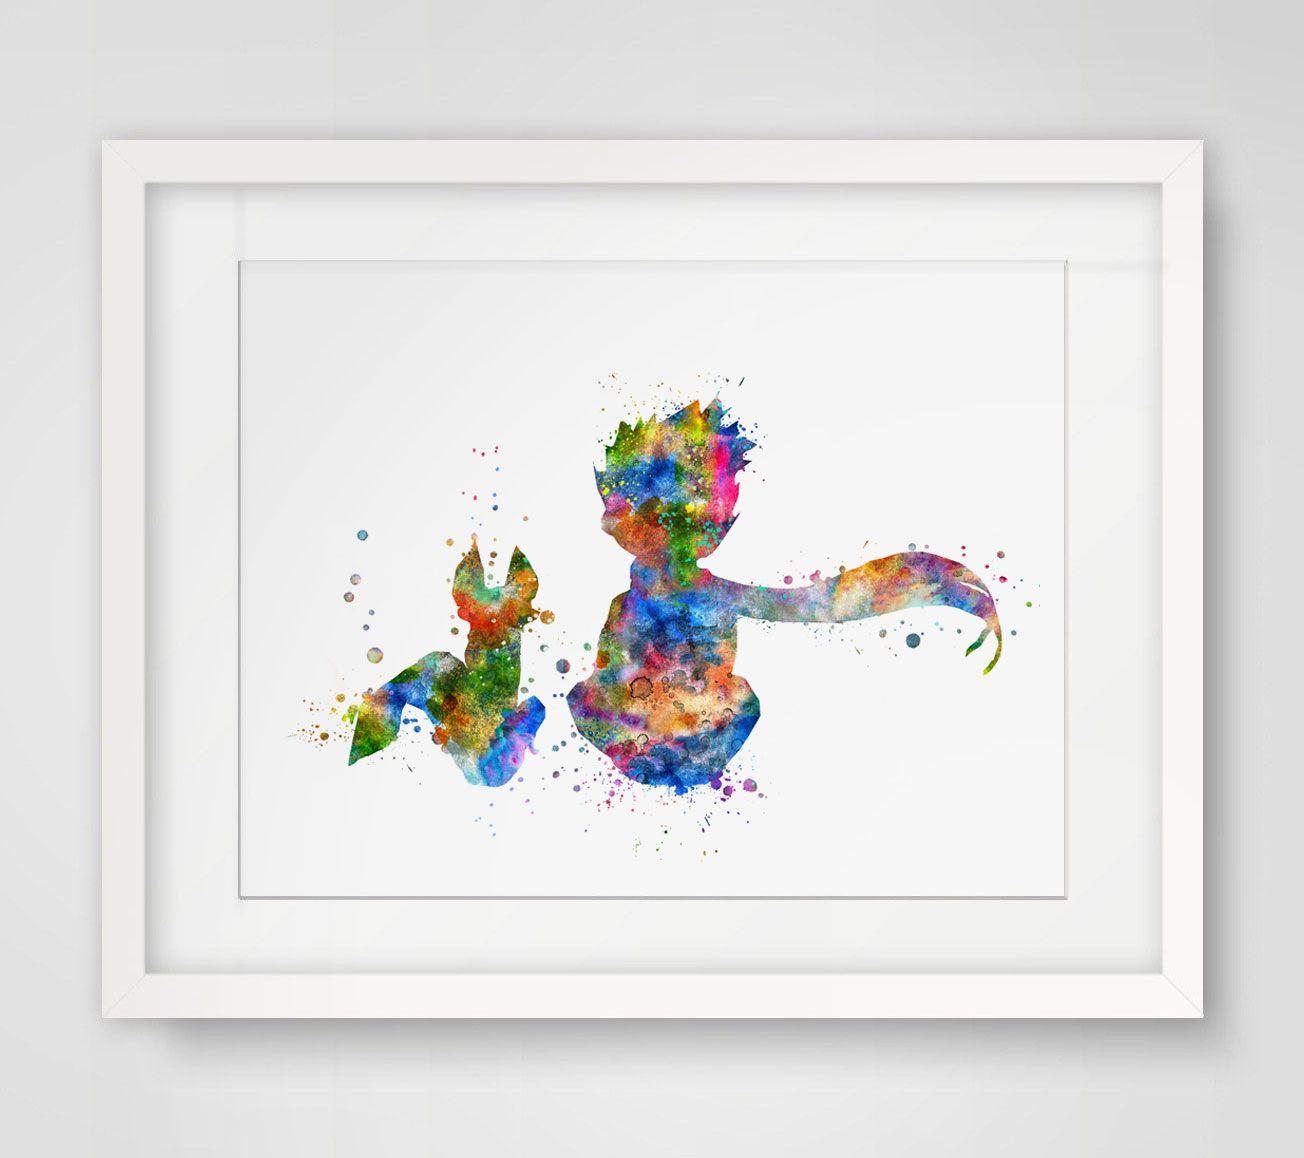 Le Petit Prince renard inspiré conception aquarelle pépinière impression d'art Le Petit Prince décoration murale Art ami tenture murale AP081